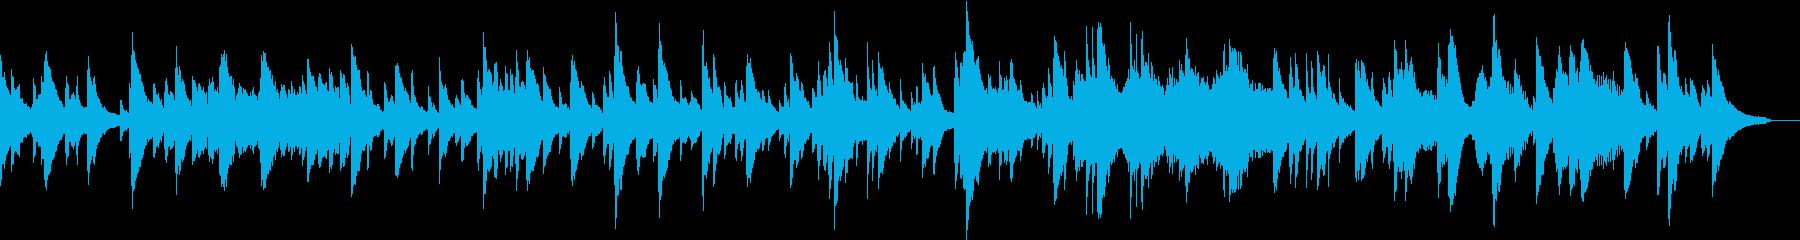 企業VPや映像/感動・透明感ピアノBGMの再生済みの波形